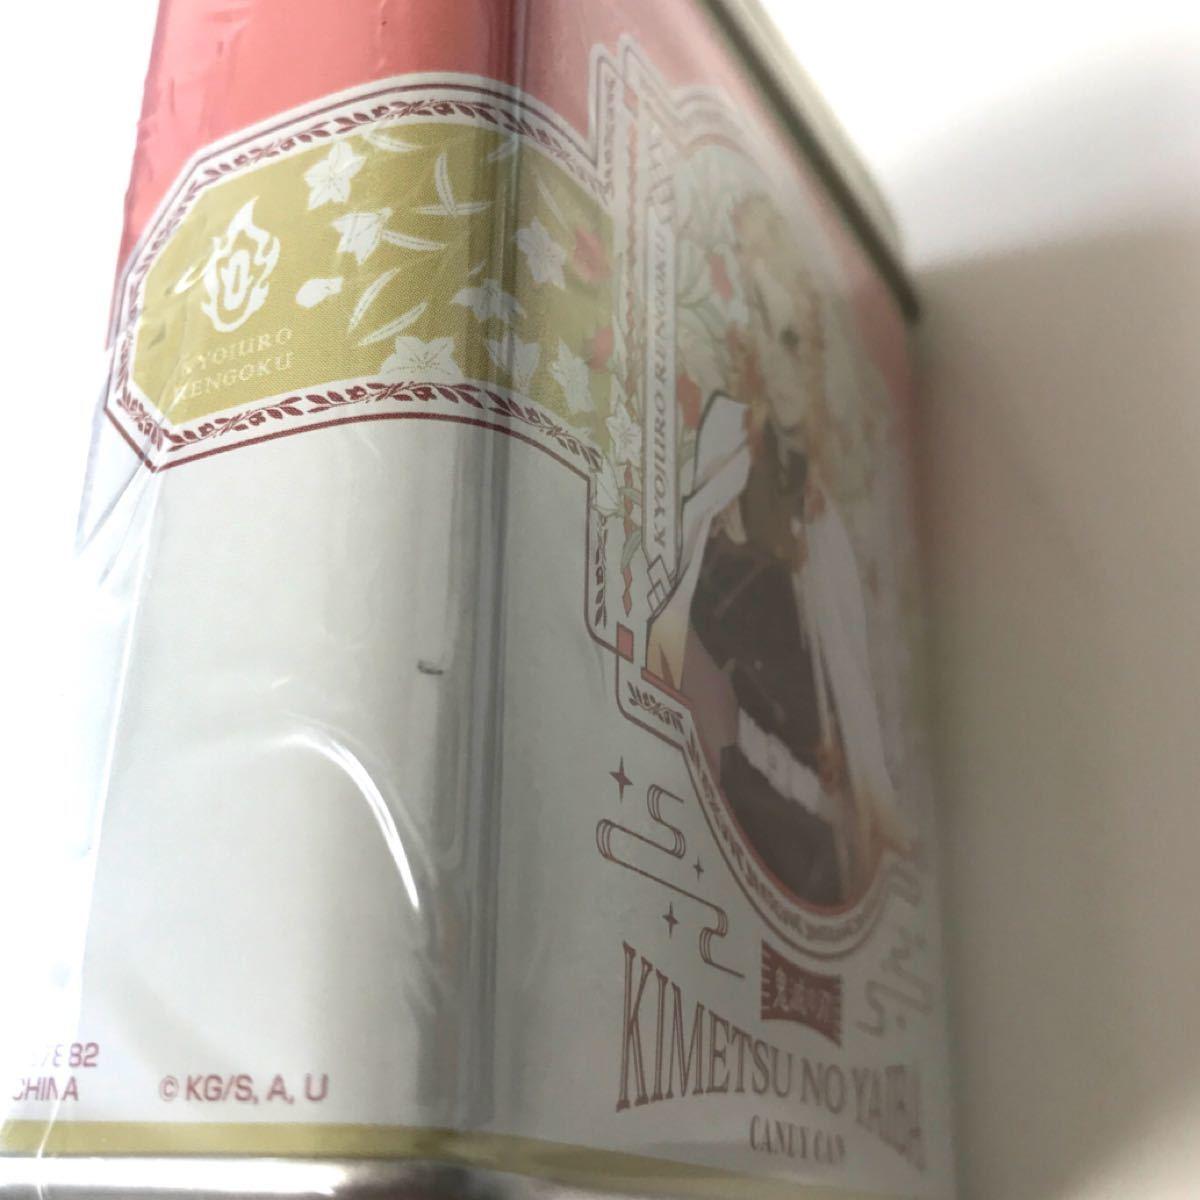 鬼滅の刃 煉獄杏寿郎セット(デフォルメシール2 キャンペーン限定極レア+キャンディー缶コレクション3) 未使用品